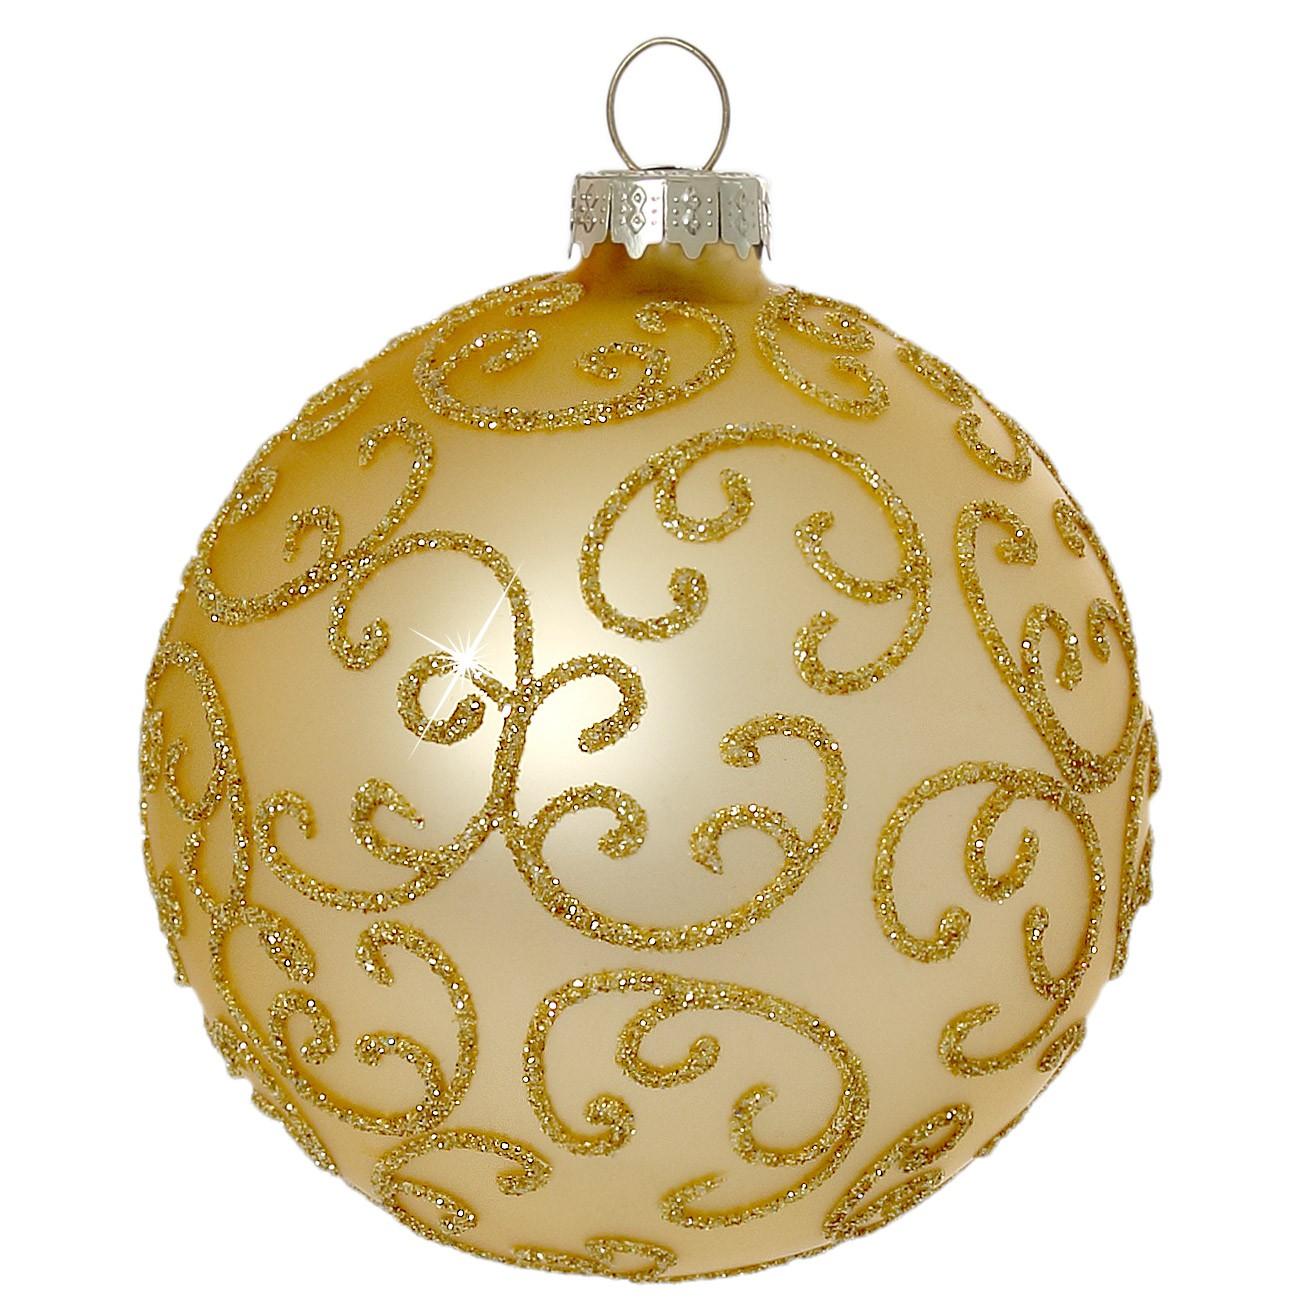 Sikora christbaumkugeln aus glas mit klassischer verzierung florence gold 4er set - Ausgefallene weihnachtskugeln ...